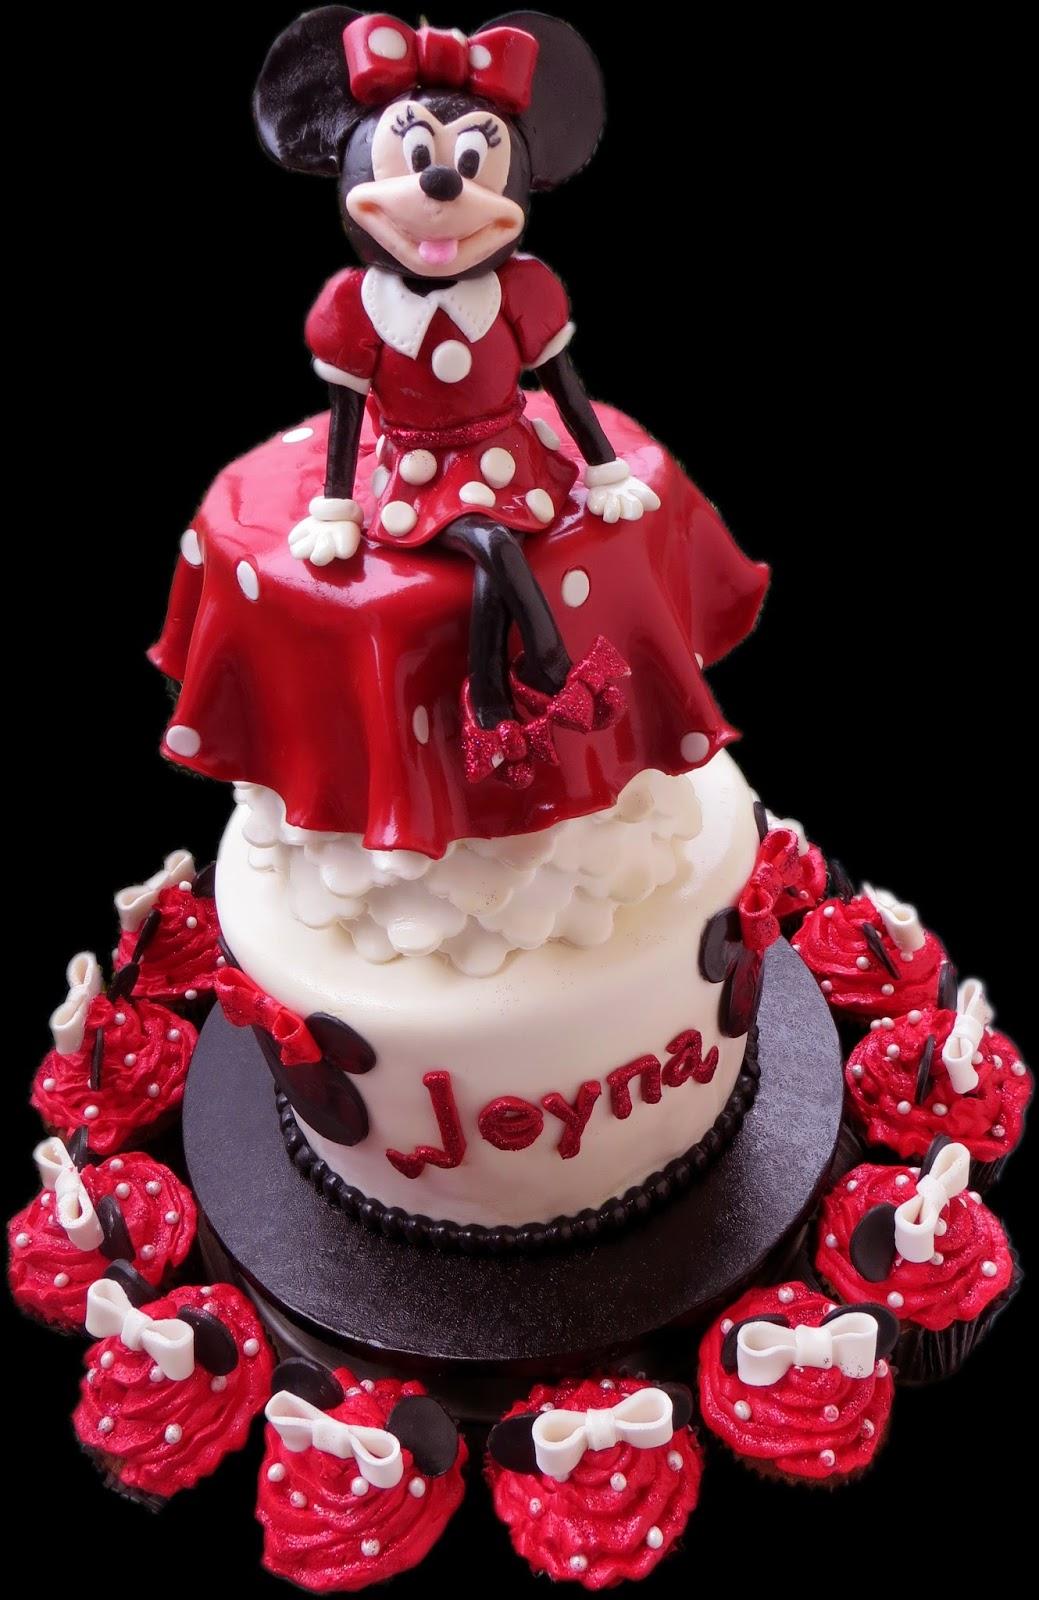 Connu Mam'zelle cakes KC42